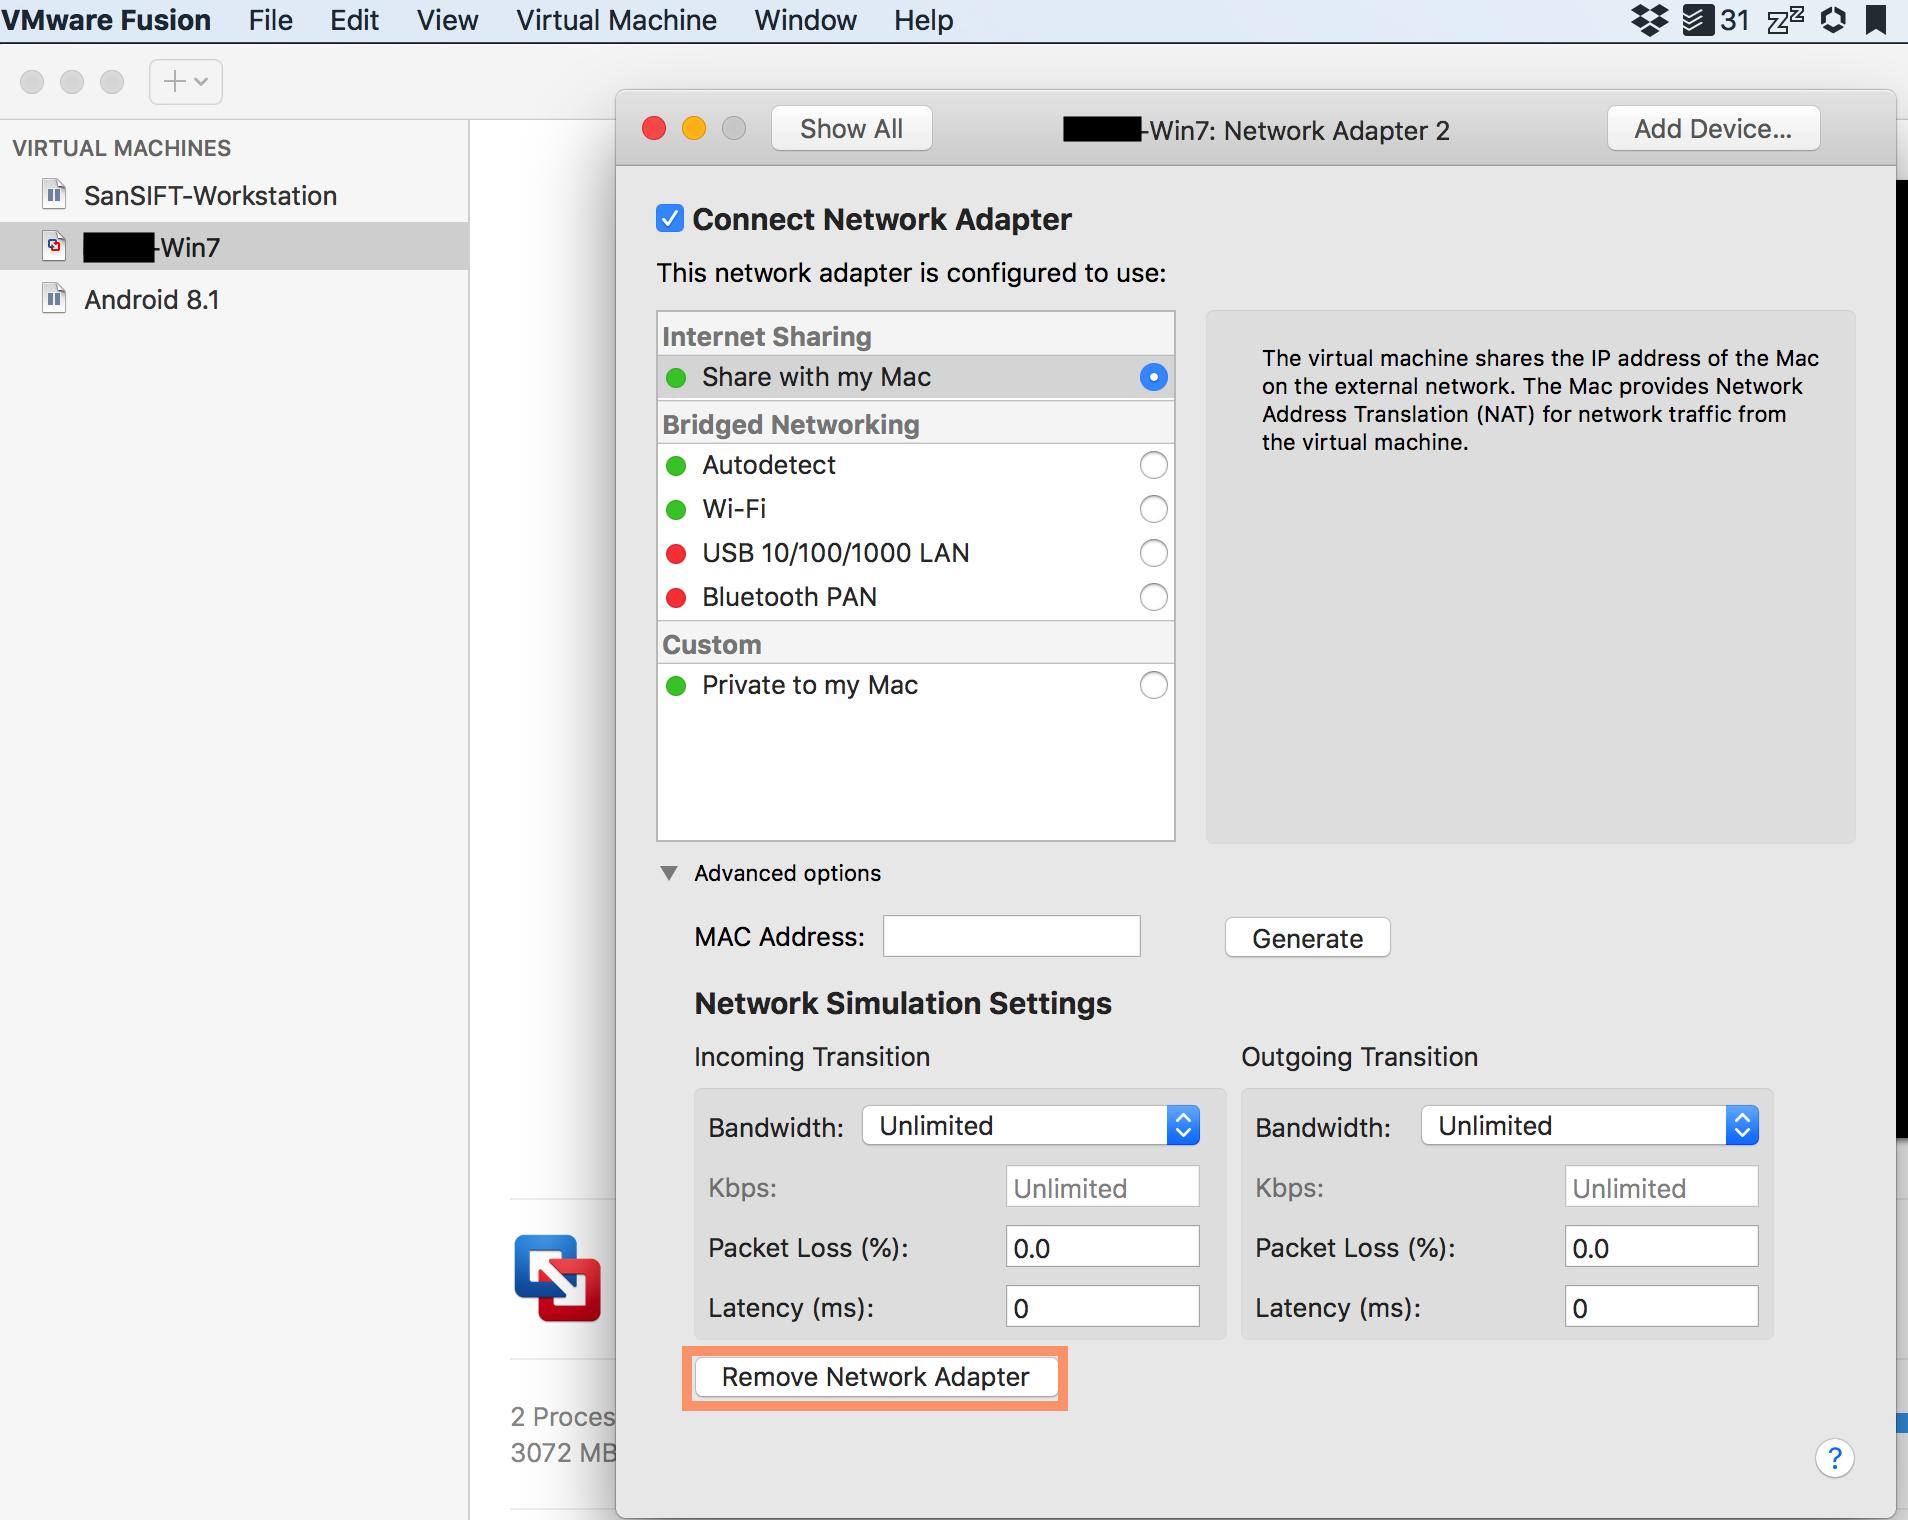 VM has No Network Connection, Windows 7 – VMware Fusion 10 1